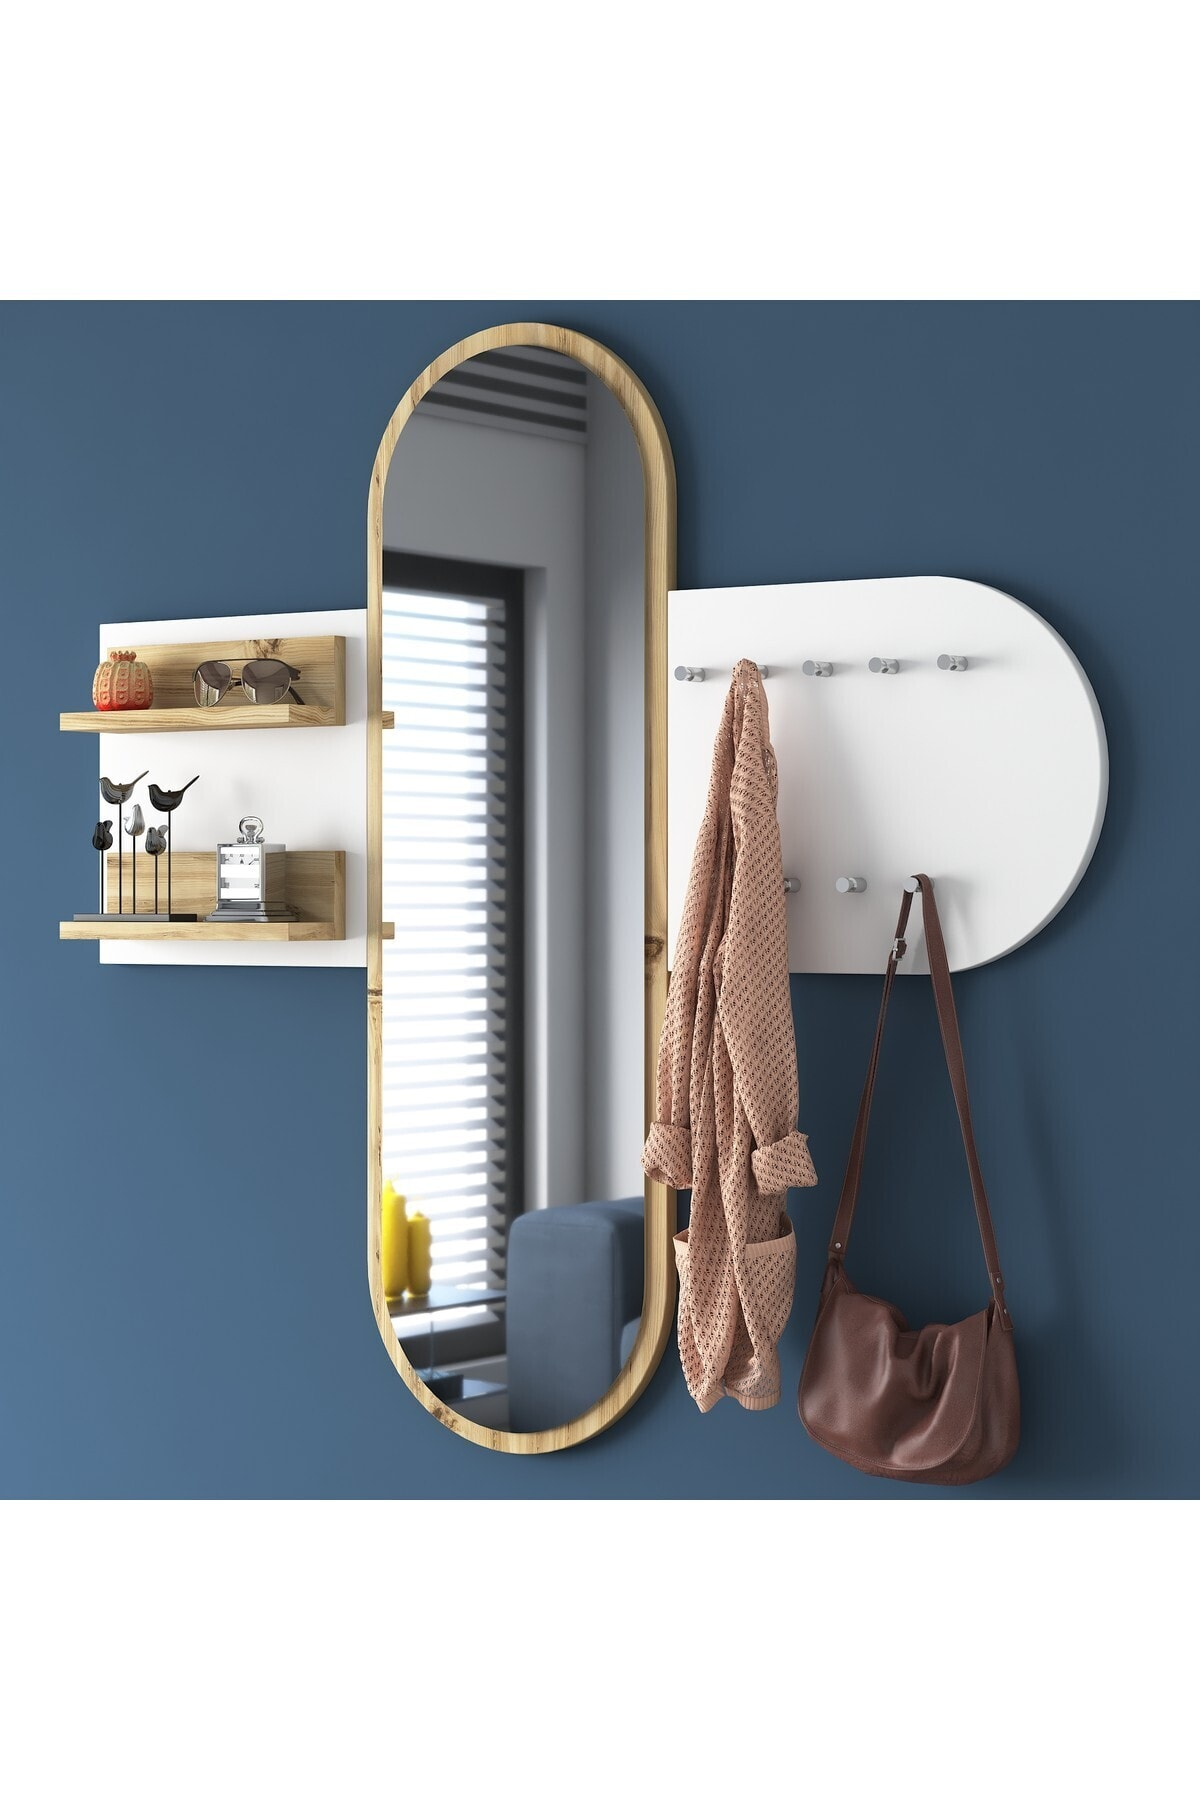 Rani Mobilya Rani P3 Aynalı Duvar Askısı Boy Aynası Keçe Ceviz Beyaz Vestiyer 1